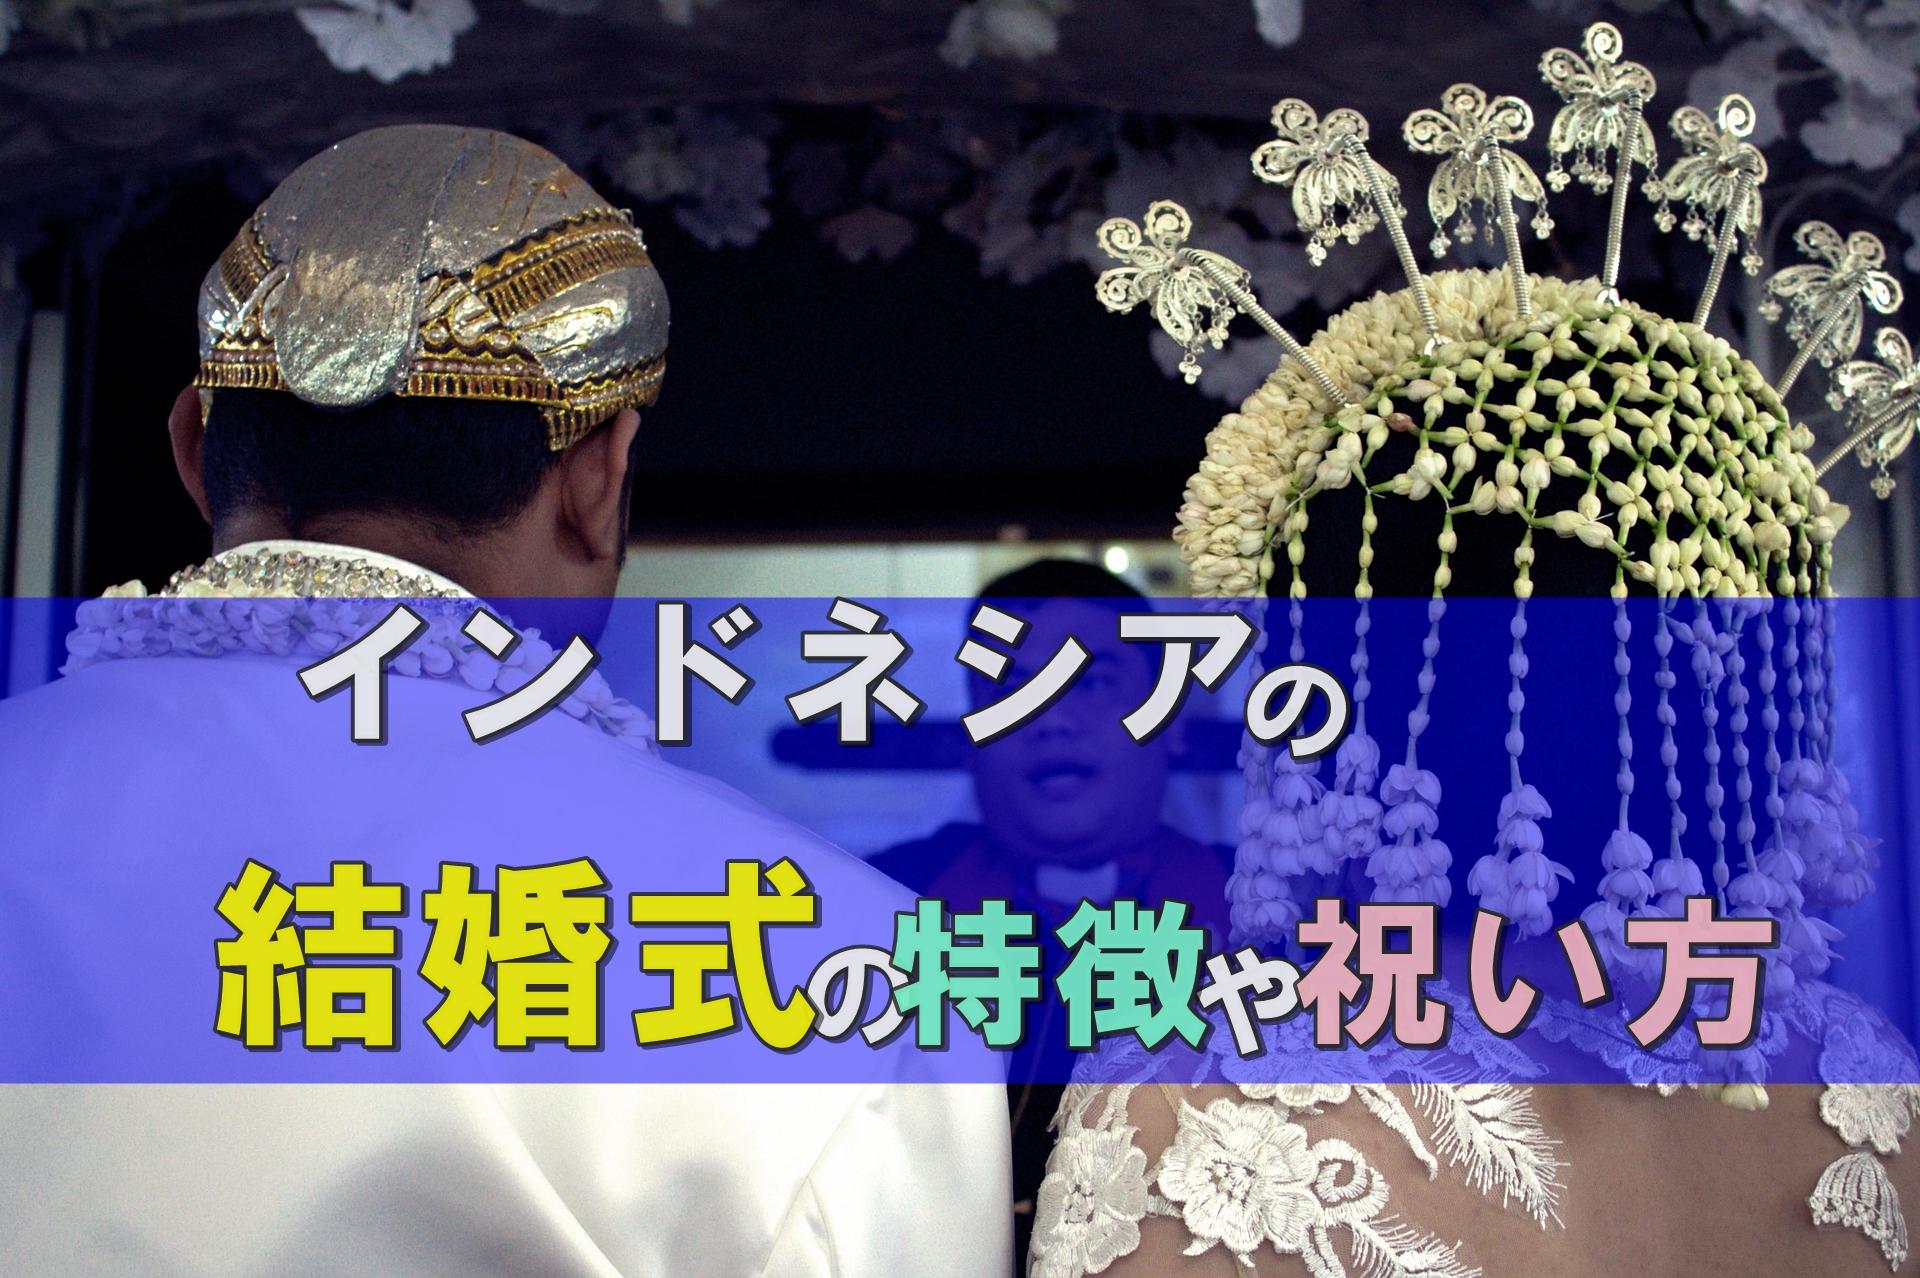 日本と違う?インドネシア人の結婚式|祝い方やご祝儀の相場をヤンティに聞いてみた